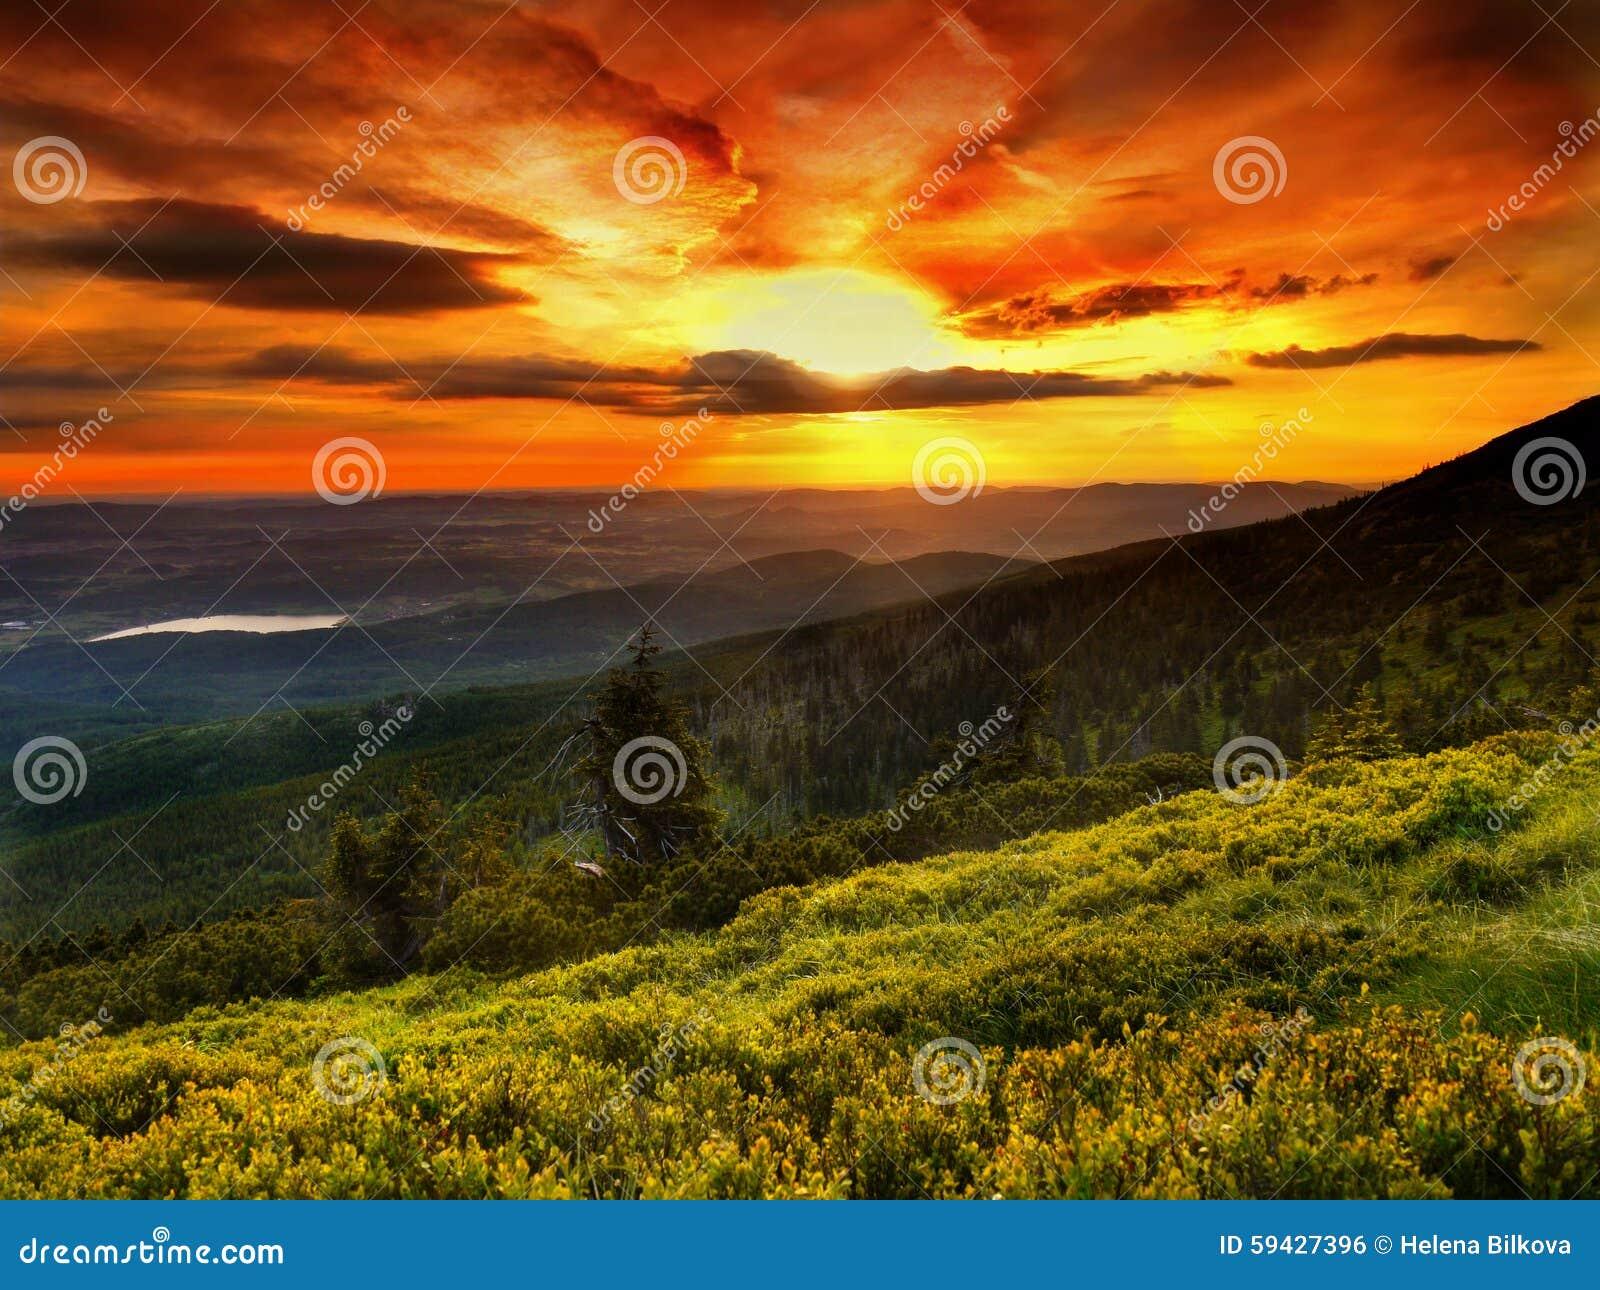 Τοπίο, μαγικά χρώματα, ανατολή, λιβάδι βουνών